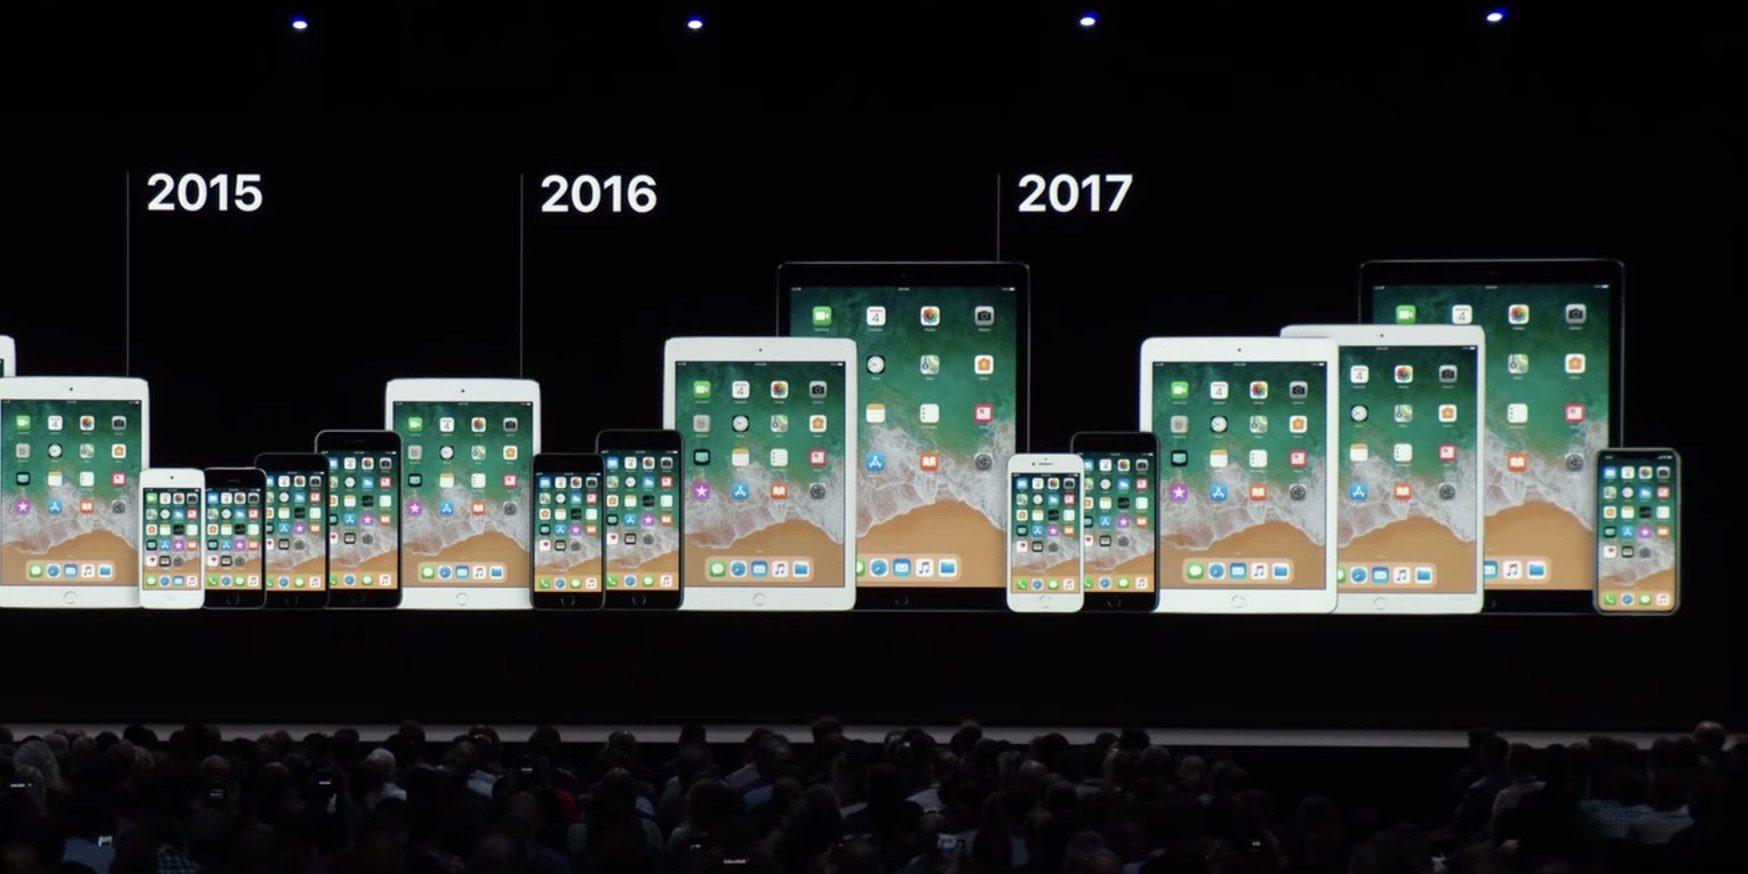 iOS 13要抛弃旧机型吗?苹果为什么要放弃老设备?